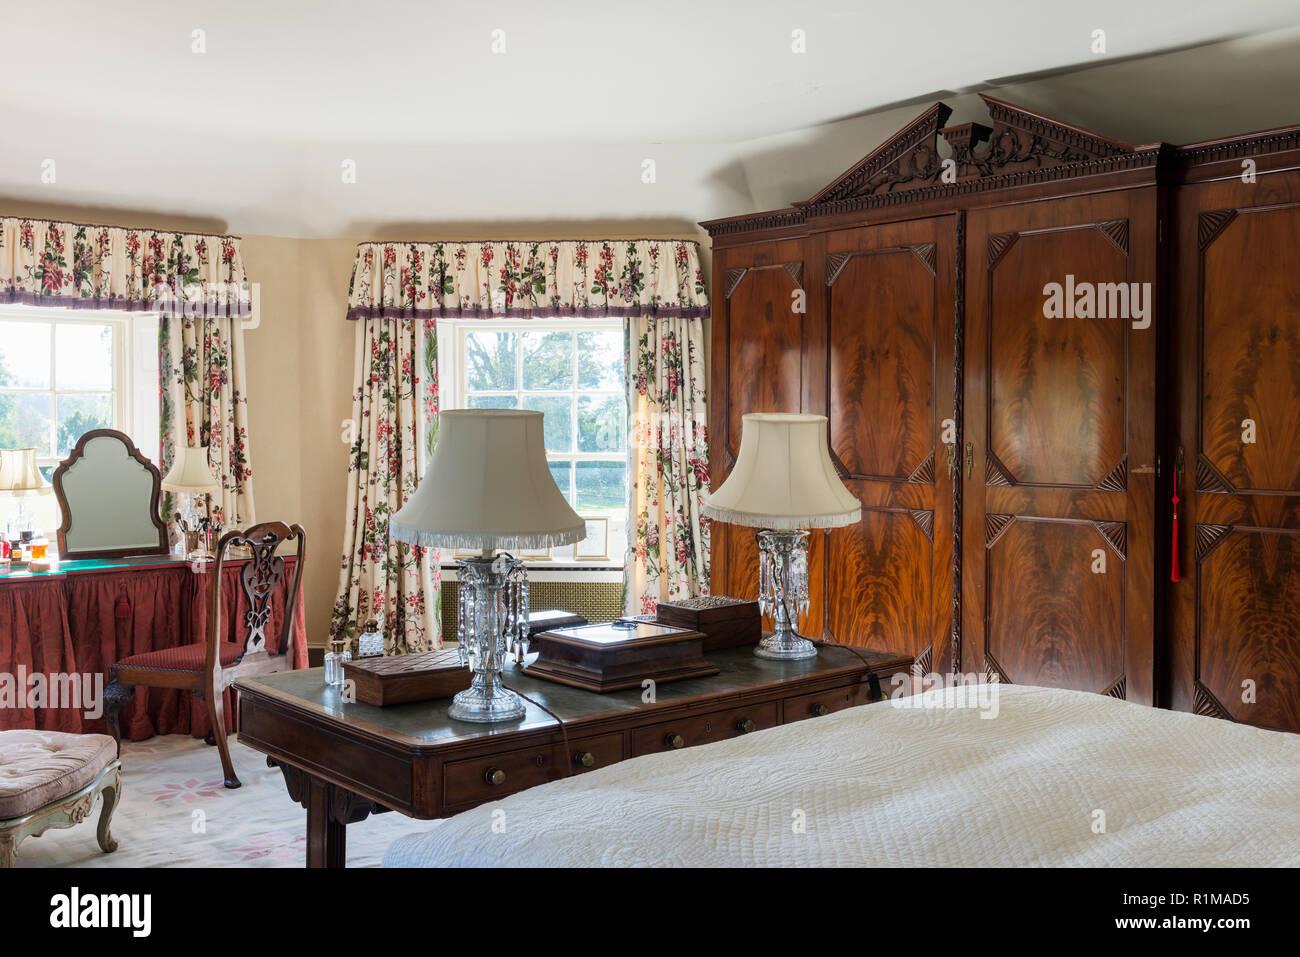 Edwardian style bedroom - Stock Image